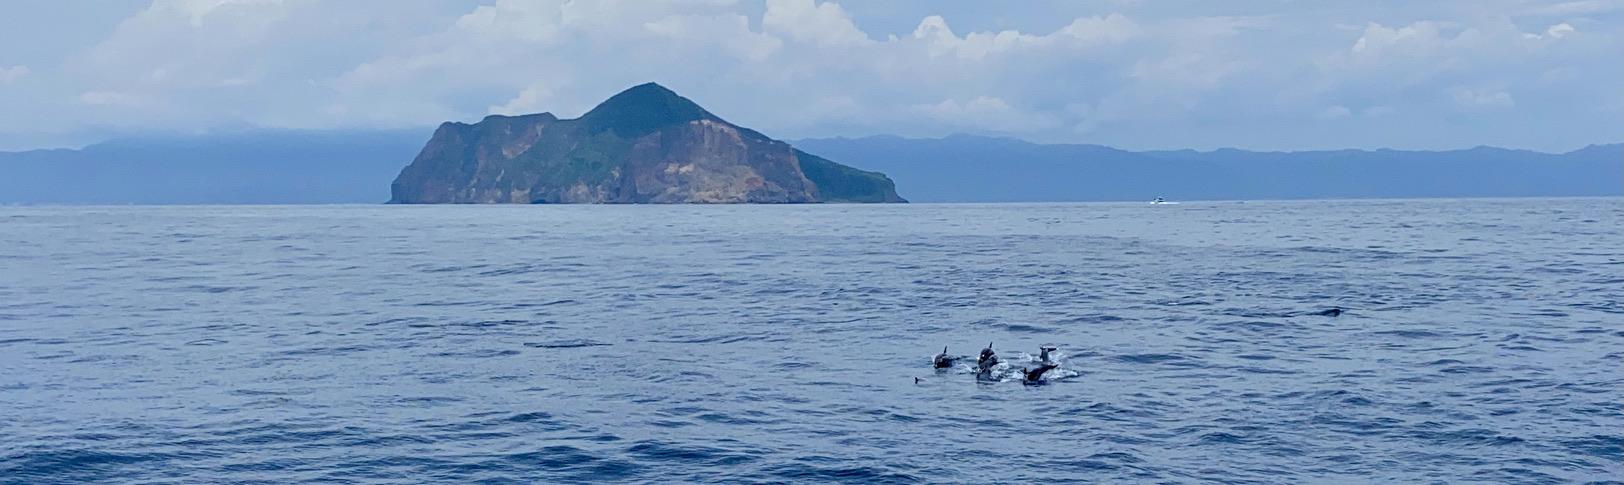 Delfines en Turtle Island